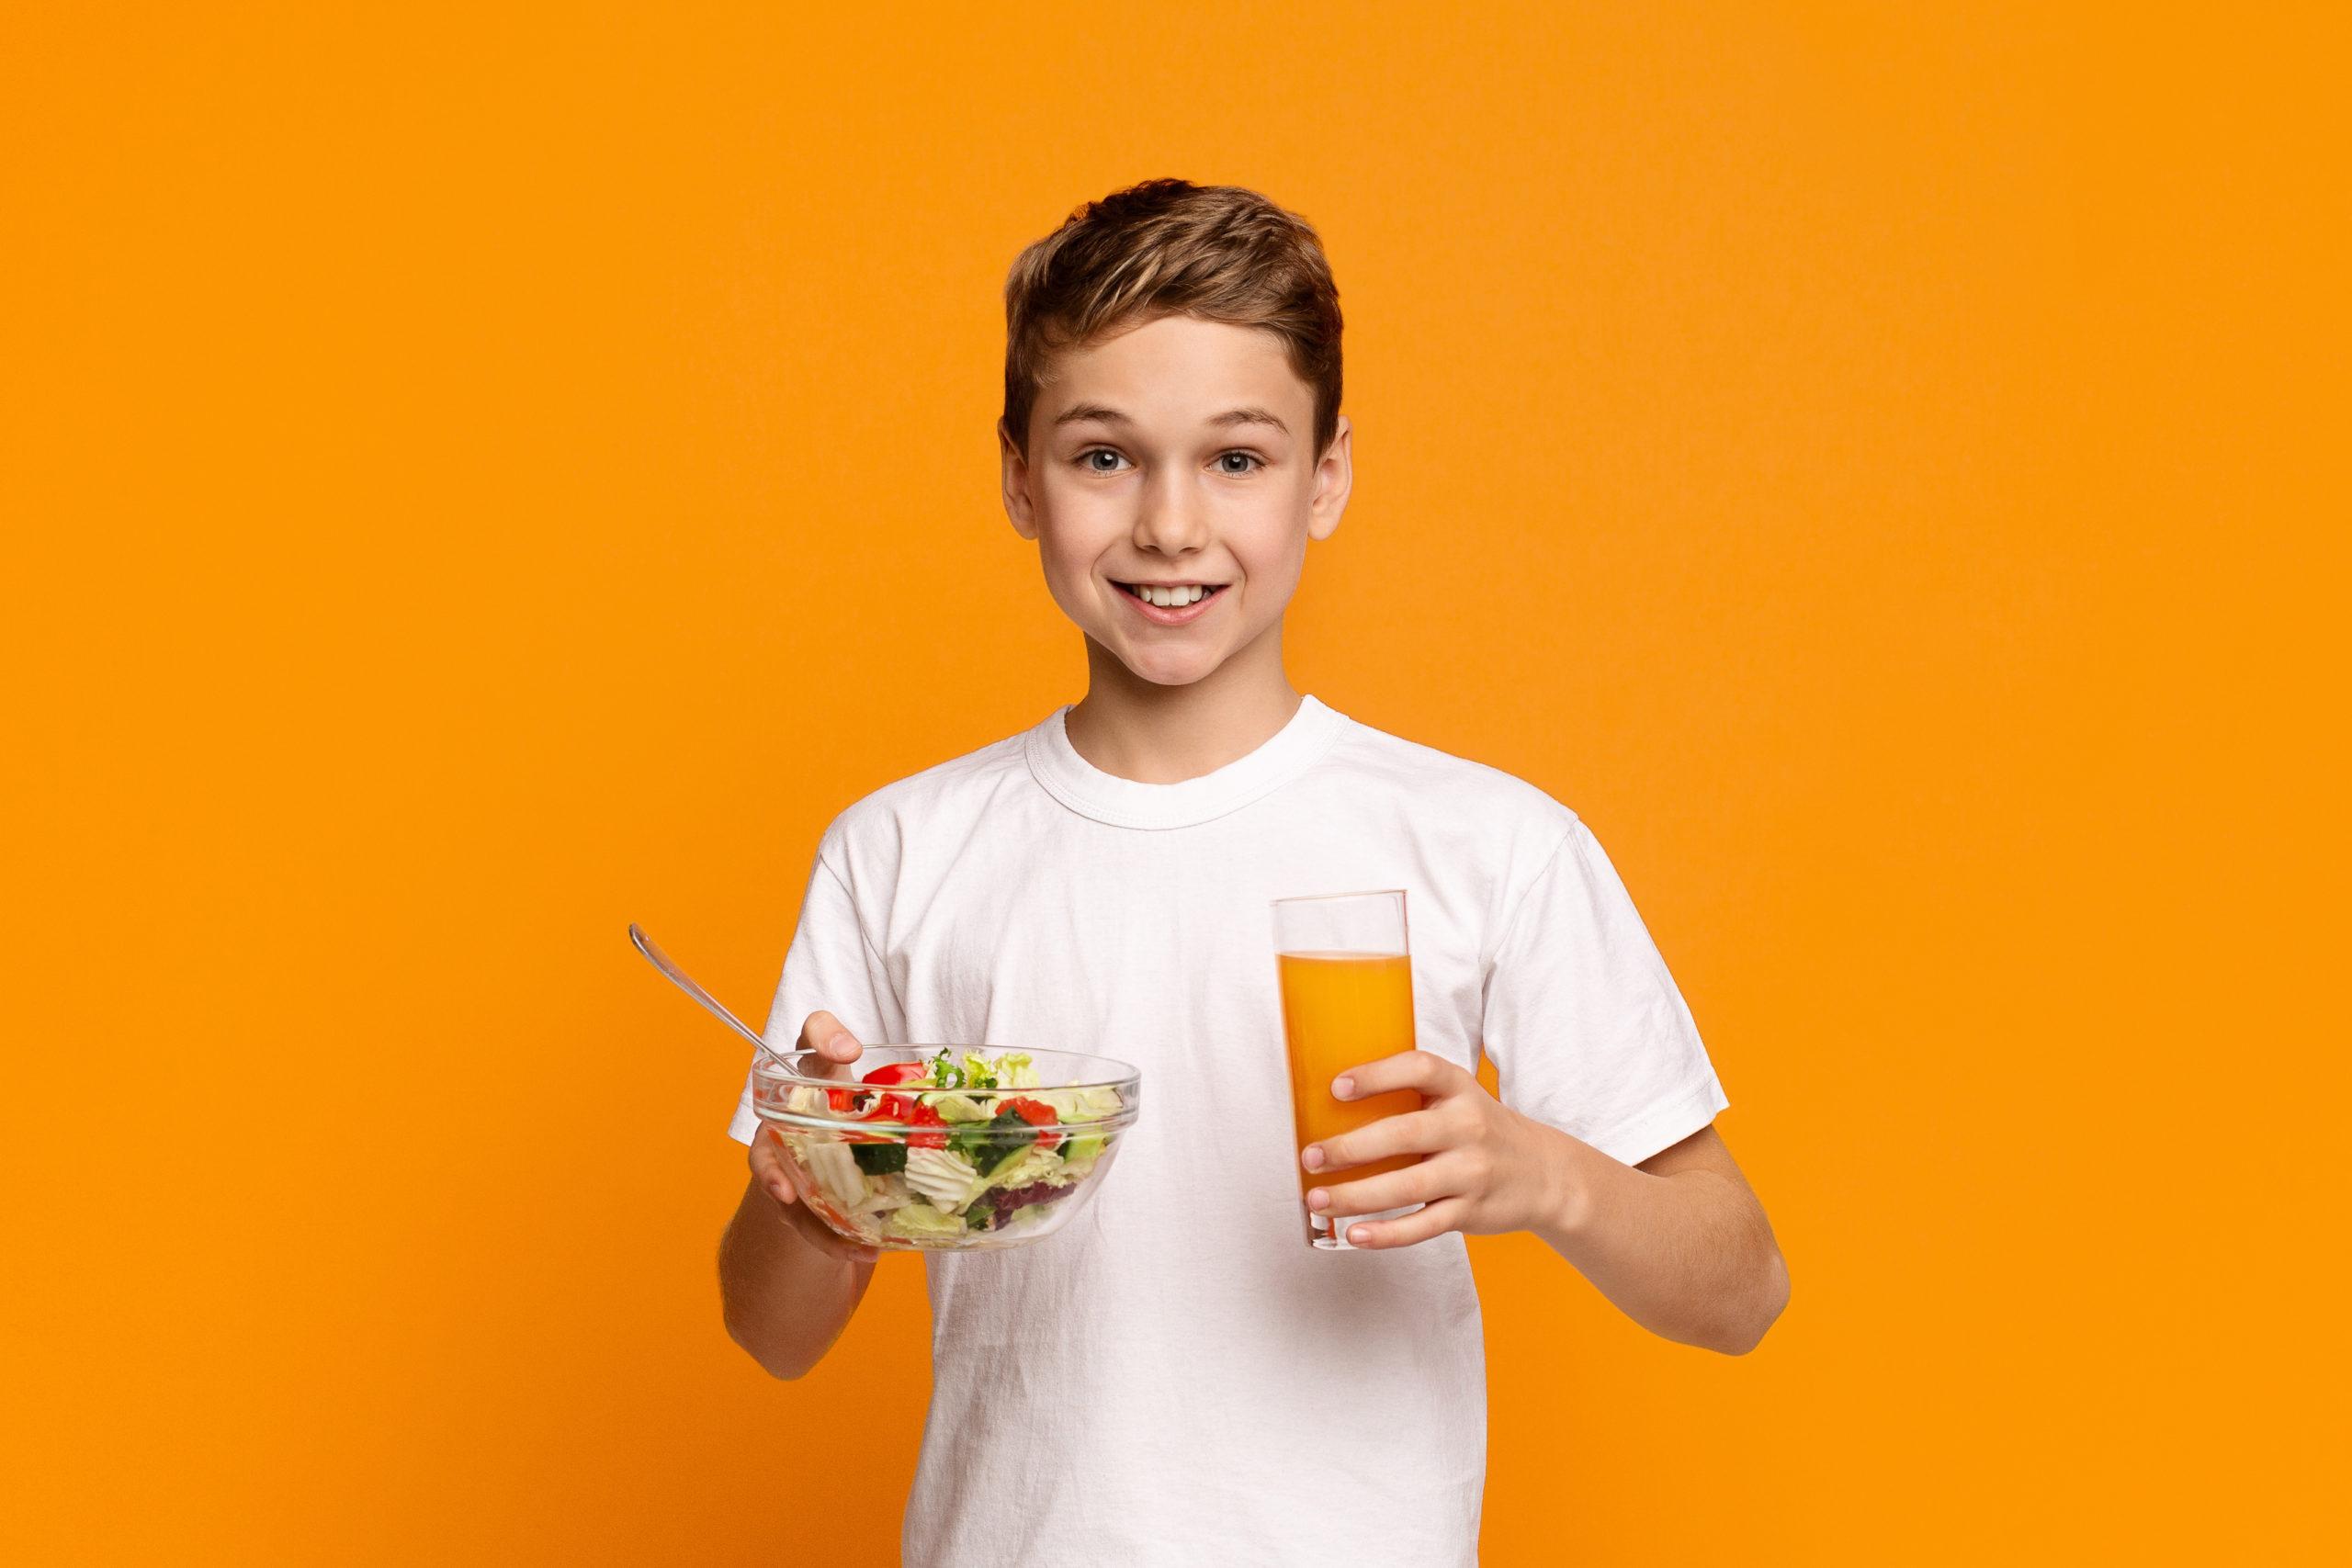 immagine ragazzo con succo e verdura